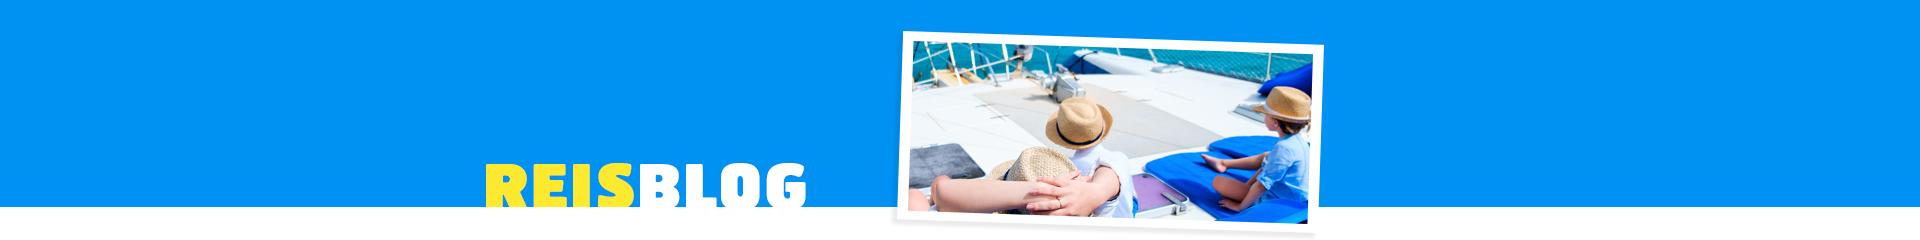 Gezin op een boot tijdens een kindvriendelijke vakantie